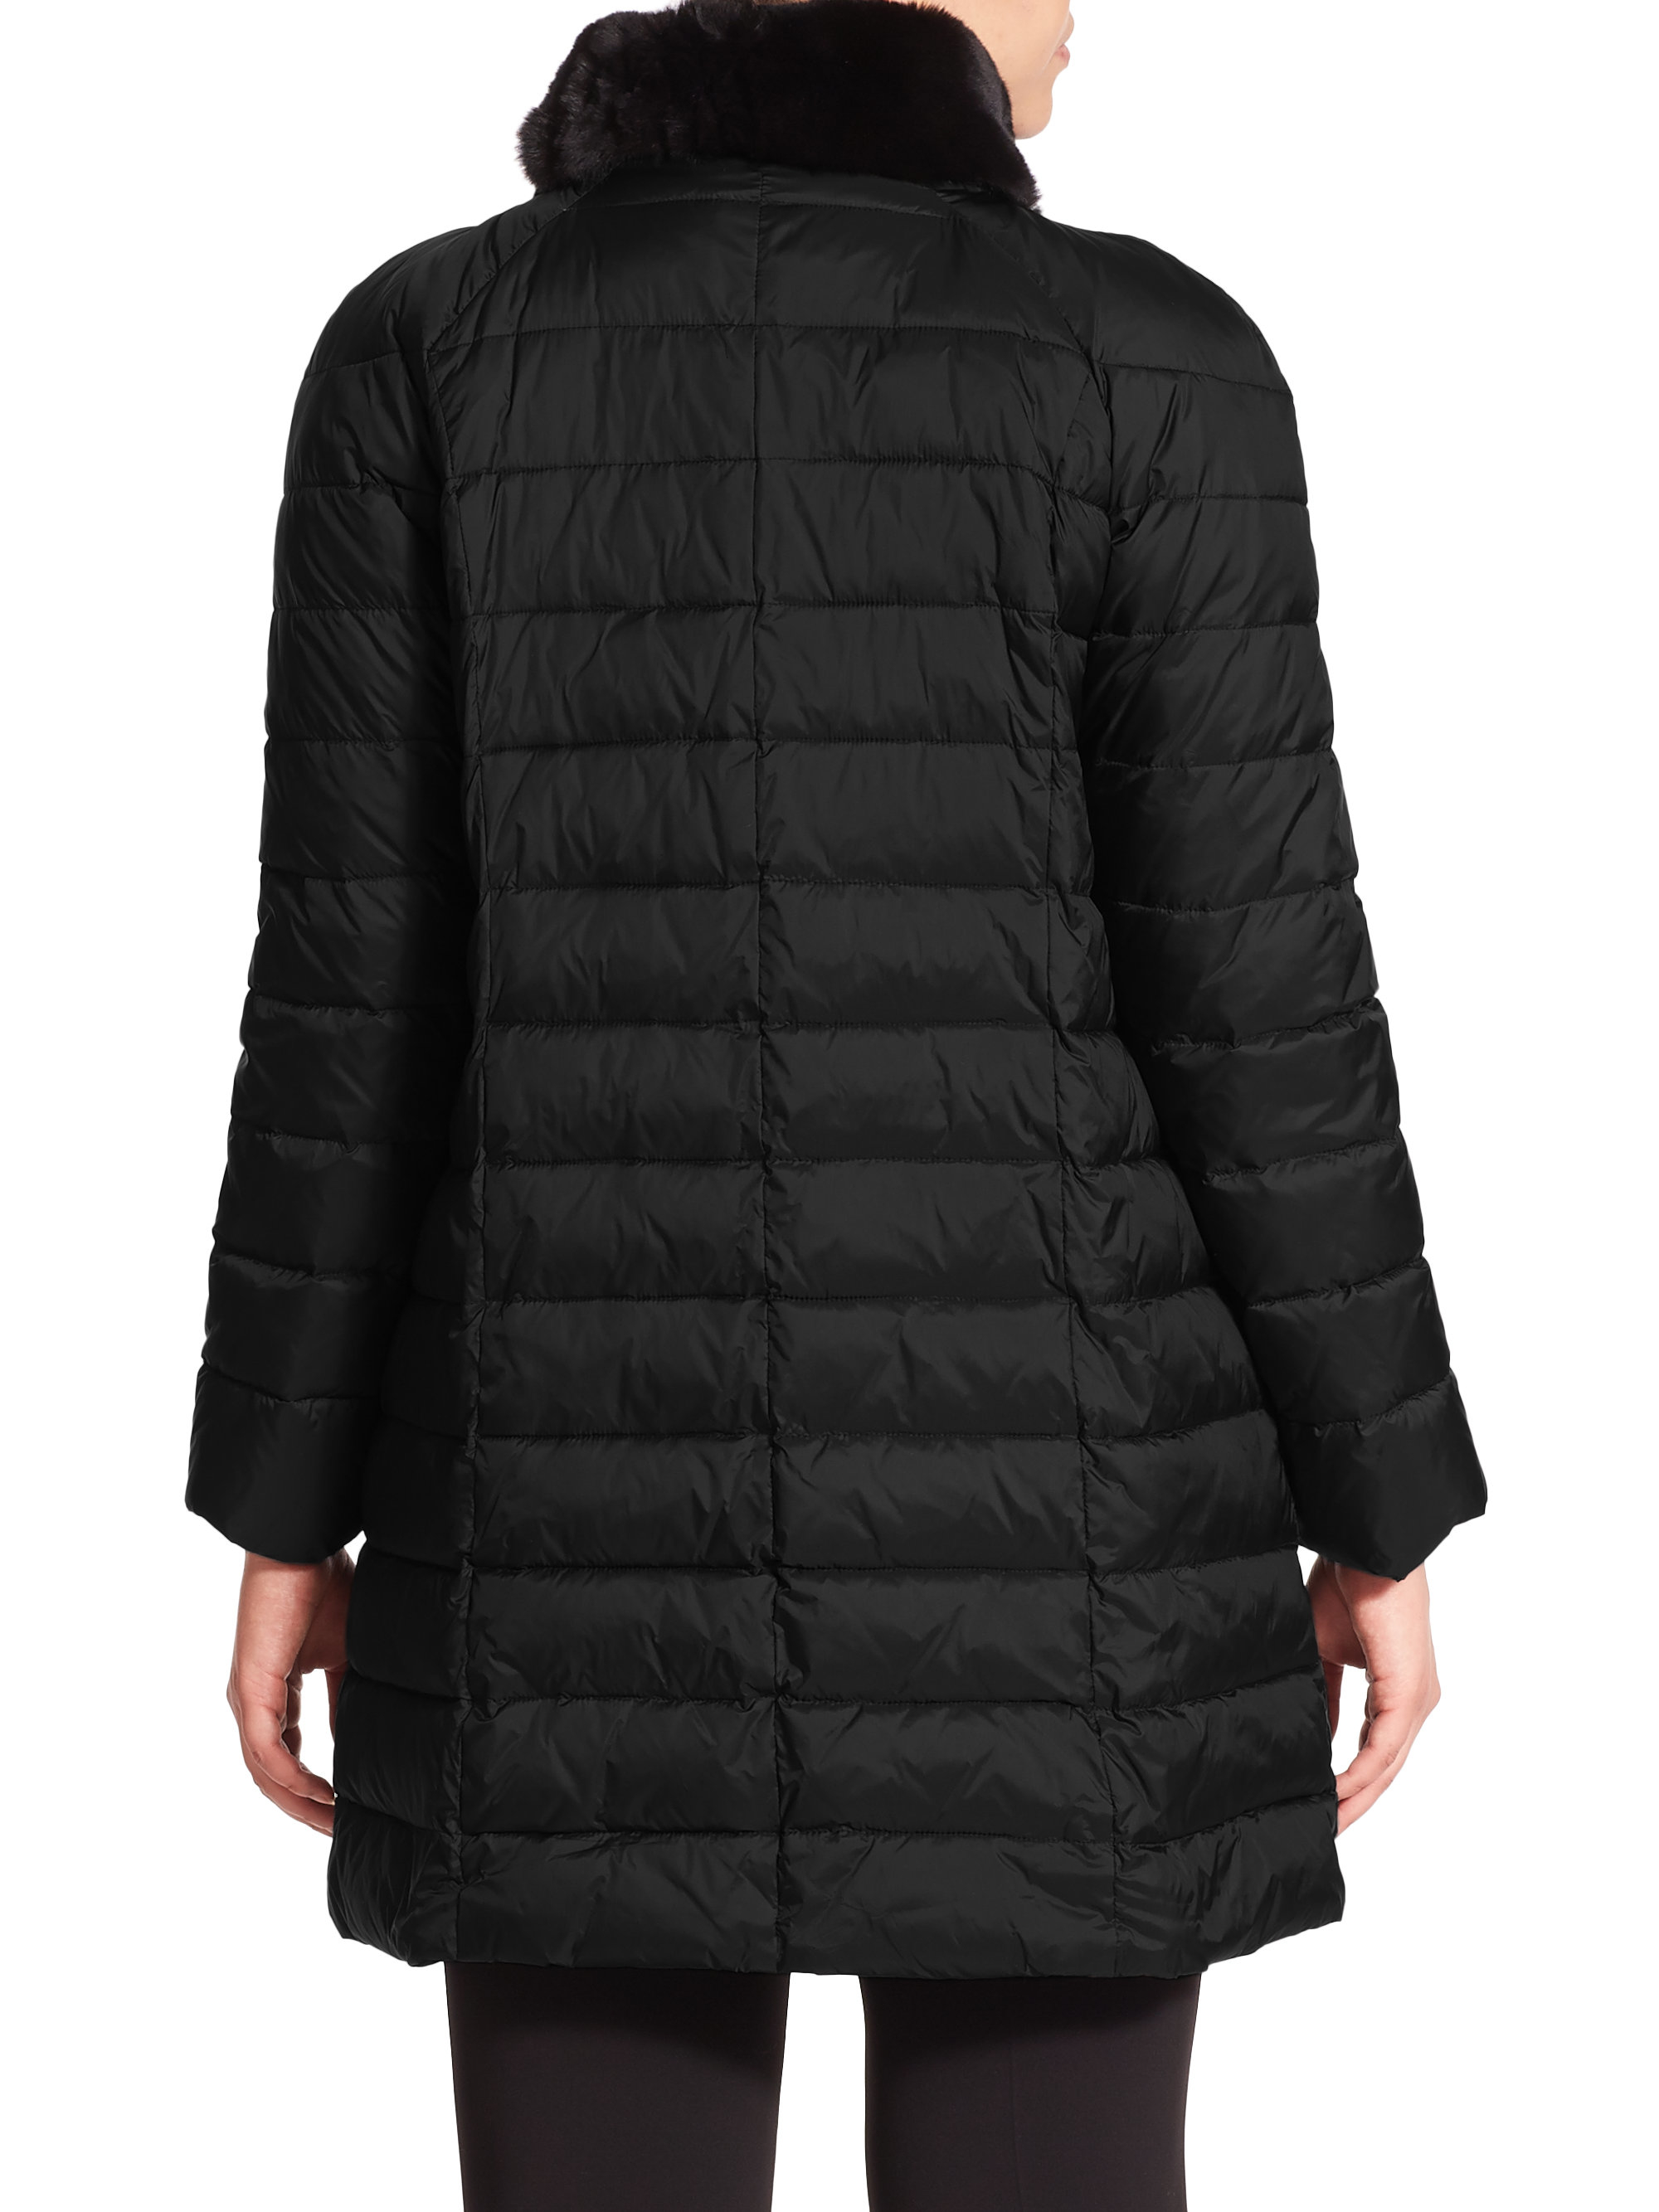 marina rinaldi pepita furtrimmed puffer coat in black lyst